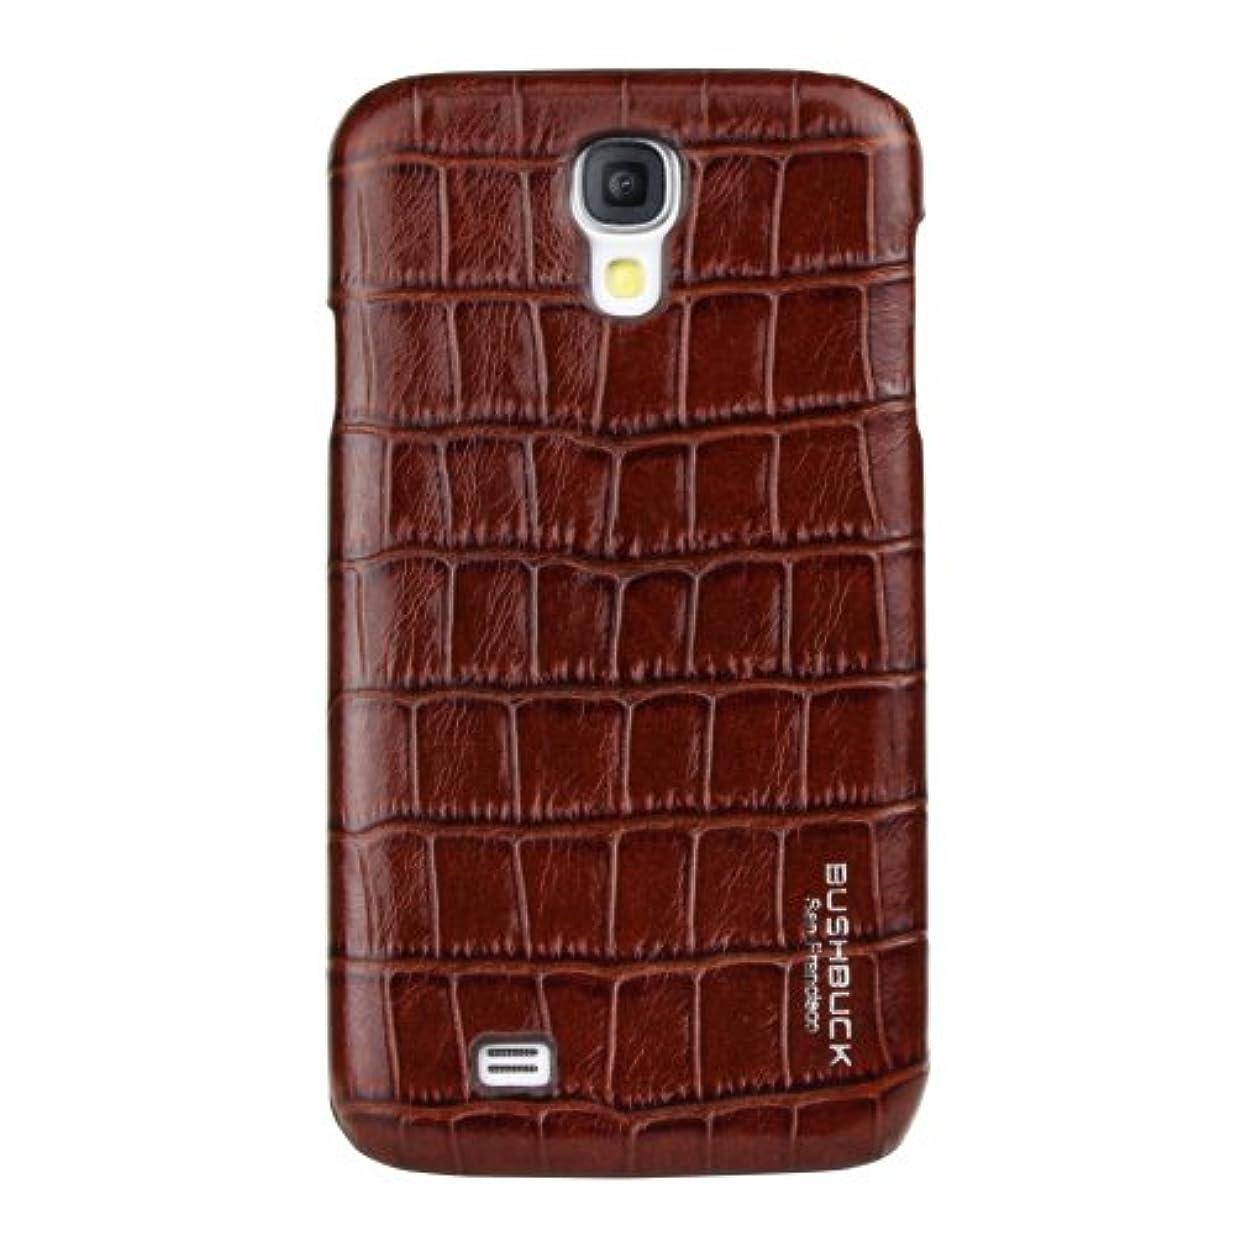 プレビスサイト政治家の軍団BUSHBUCK 【Docomo Galaxy S4用クロコダイル柄本革ケース】Caiman Genuine Leather Case (ワンセグアンテナ非対応) ブラウン SUS4CNBN